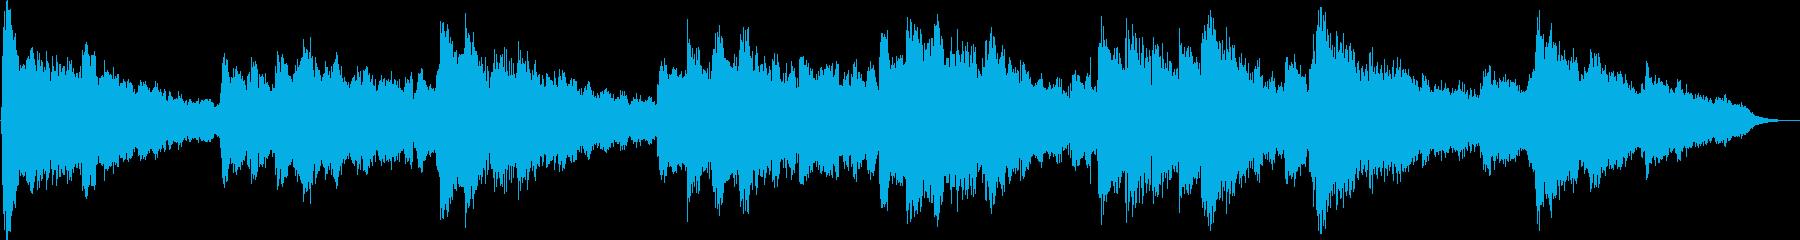 フルートメインの優しく温かなBGMの再生済みの波形